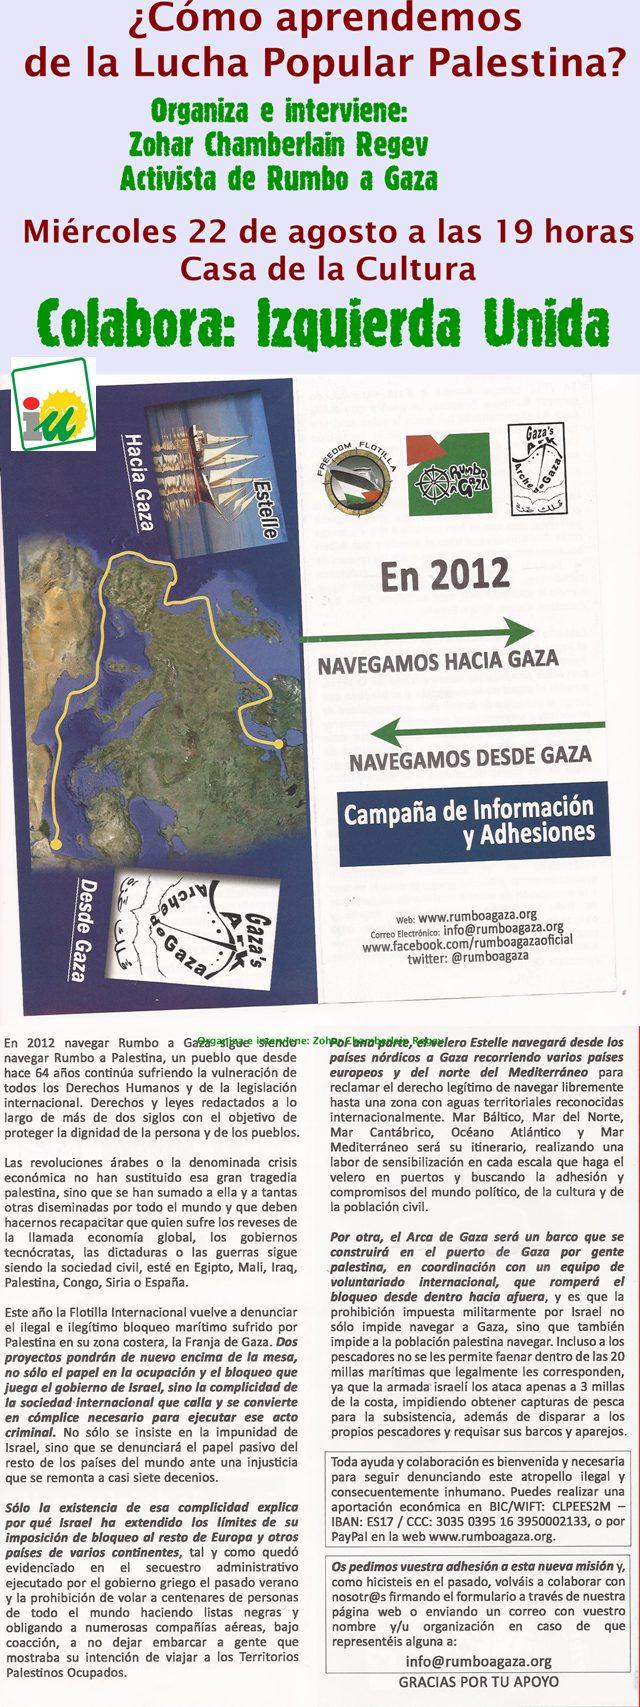 20120820145638-gaza.jpg